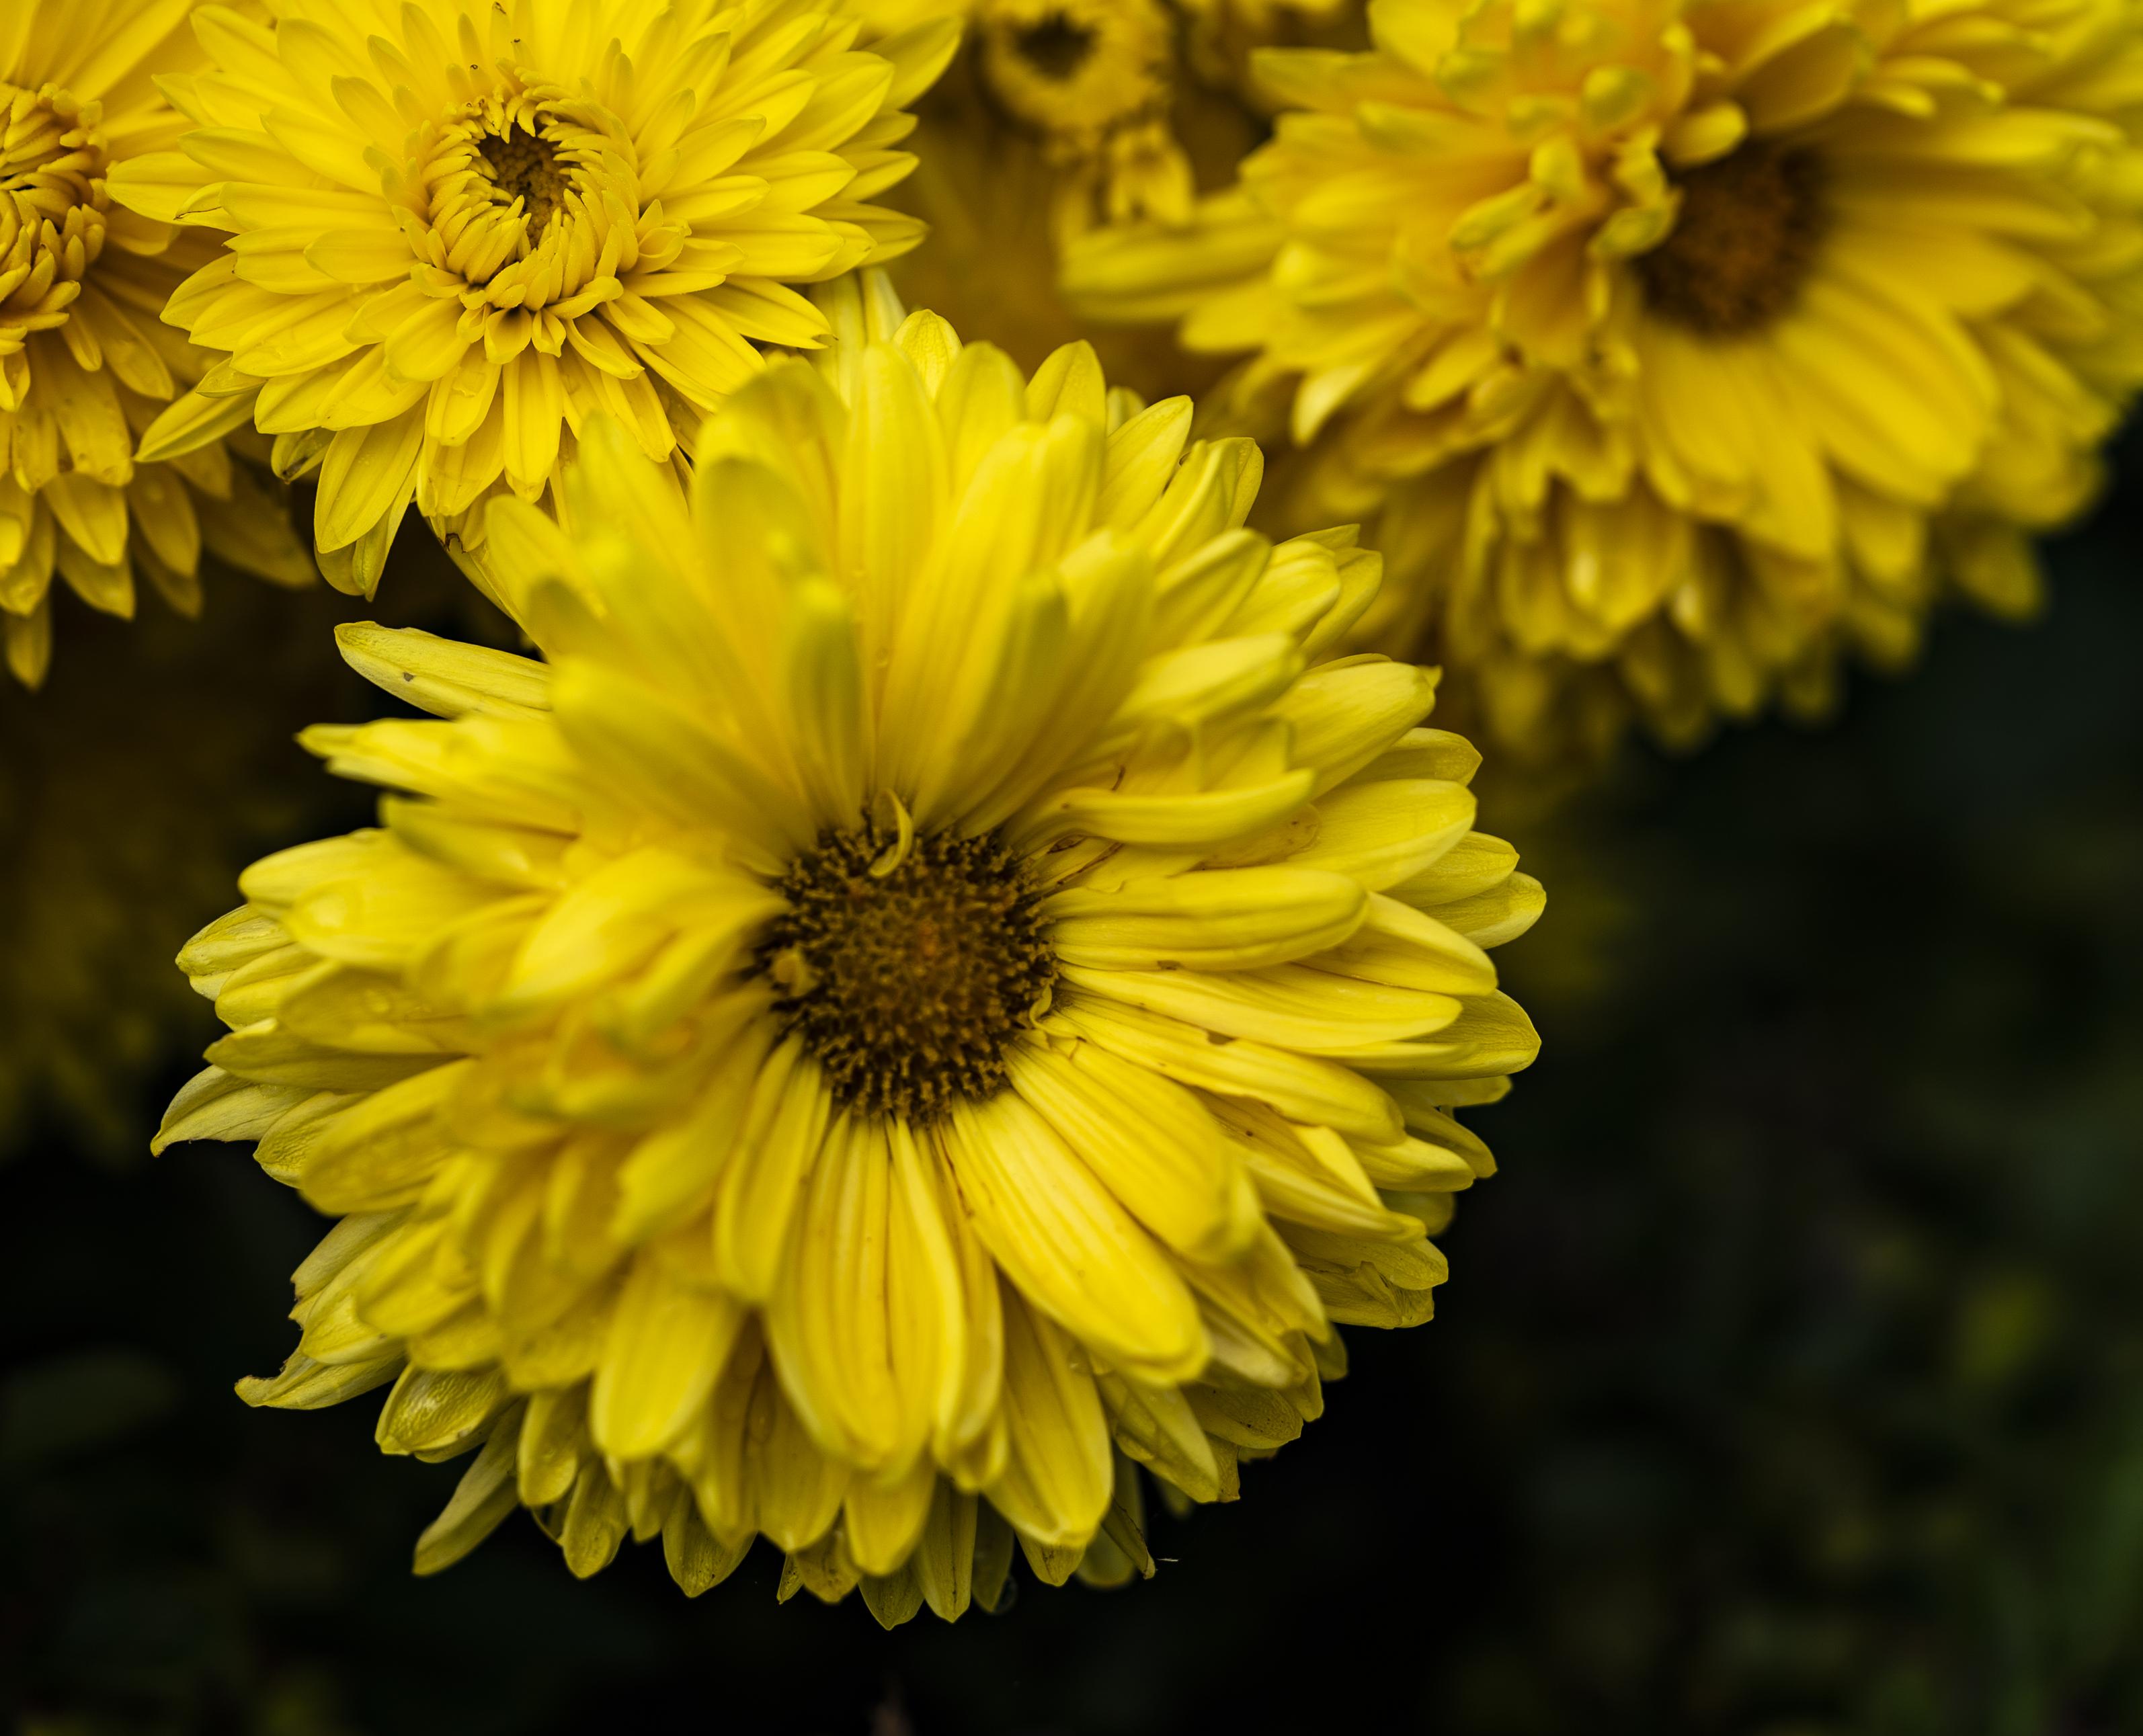 Yellow Daisy copy